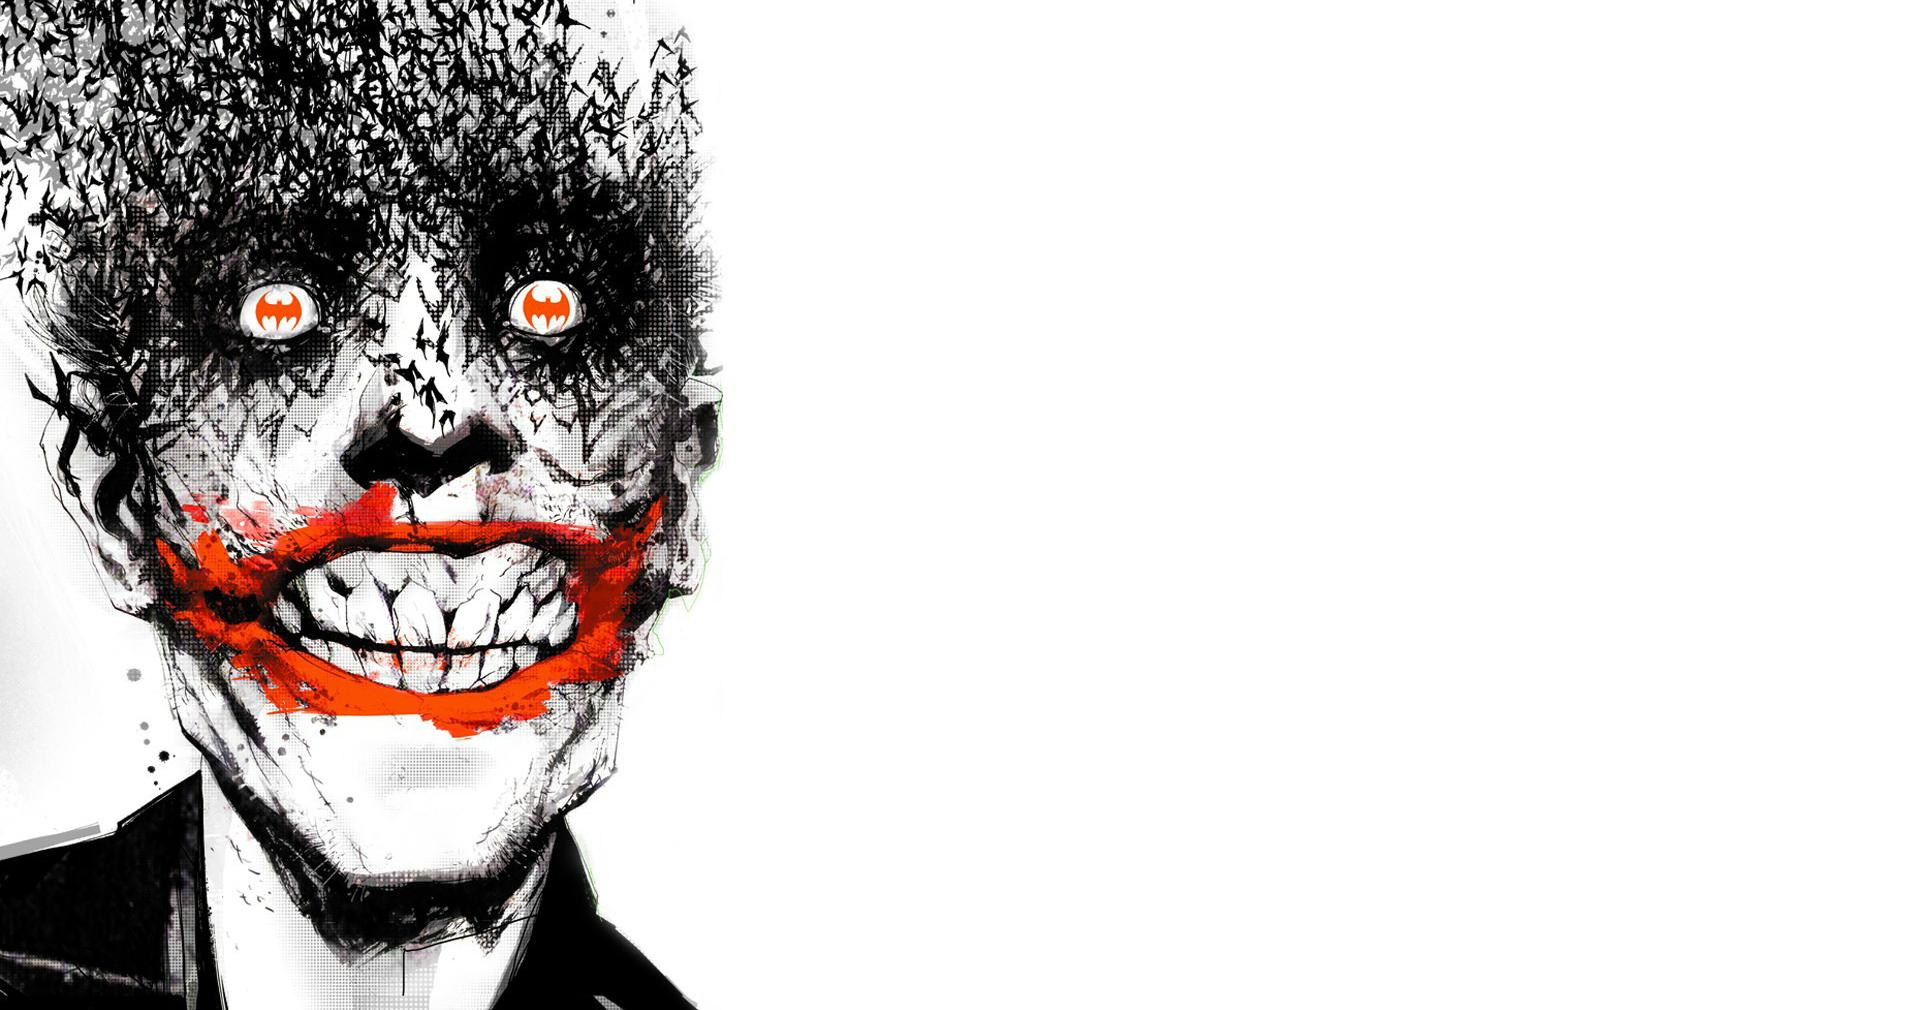 Batface Joker wallpapers HD quality